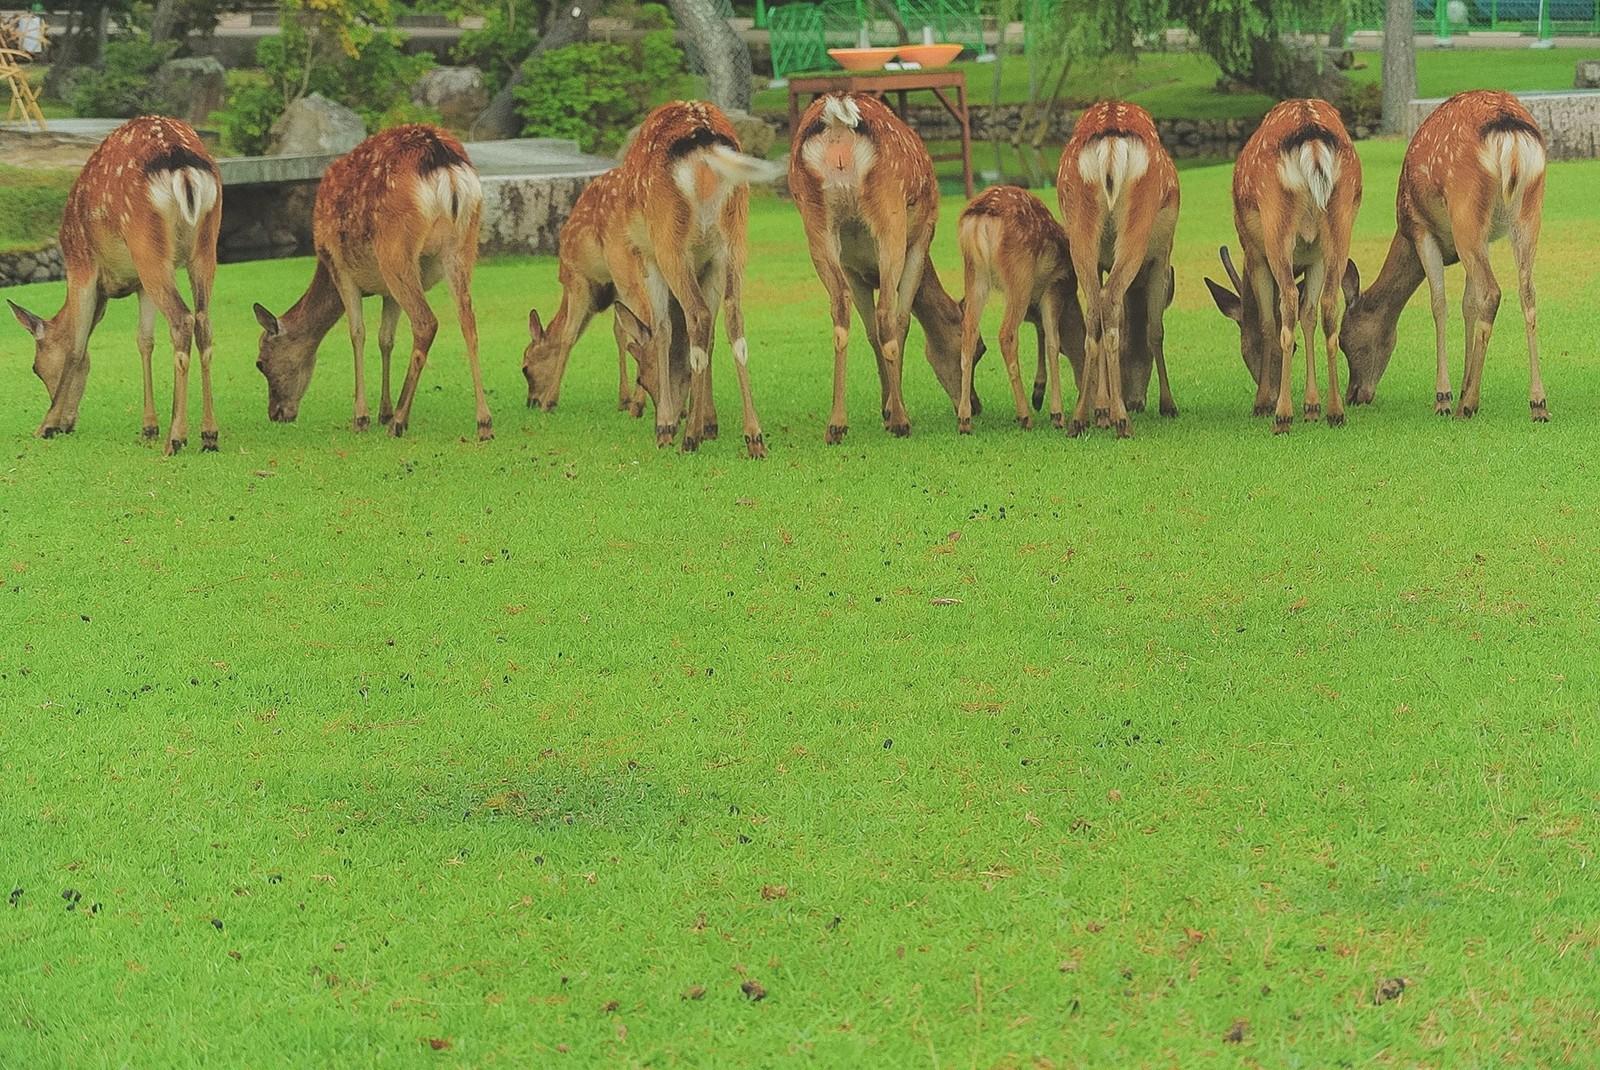 奈良公園に鹿を見に行こう!餌は鹿せんべいをあげるのがマナー!注意点など紹介